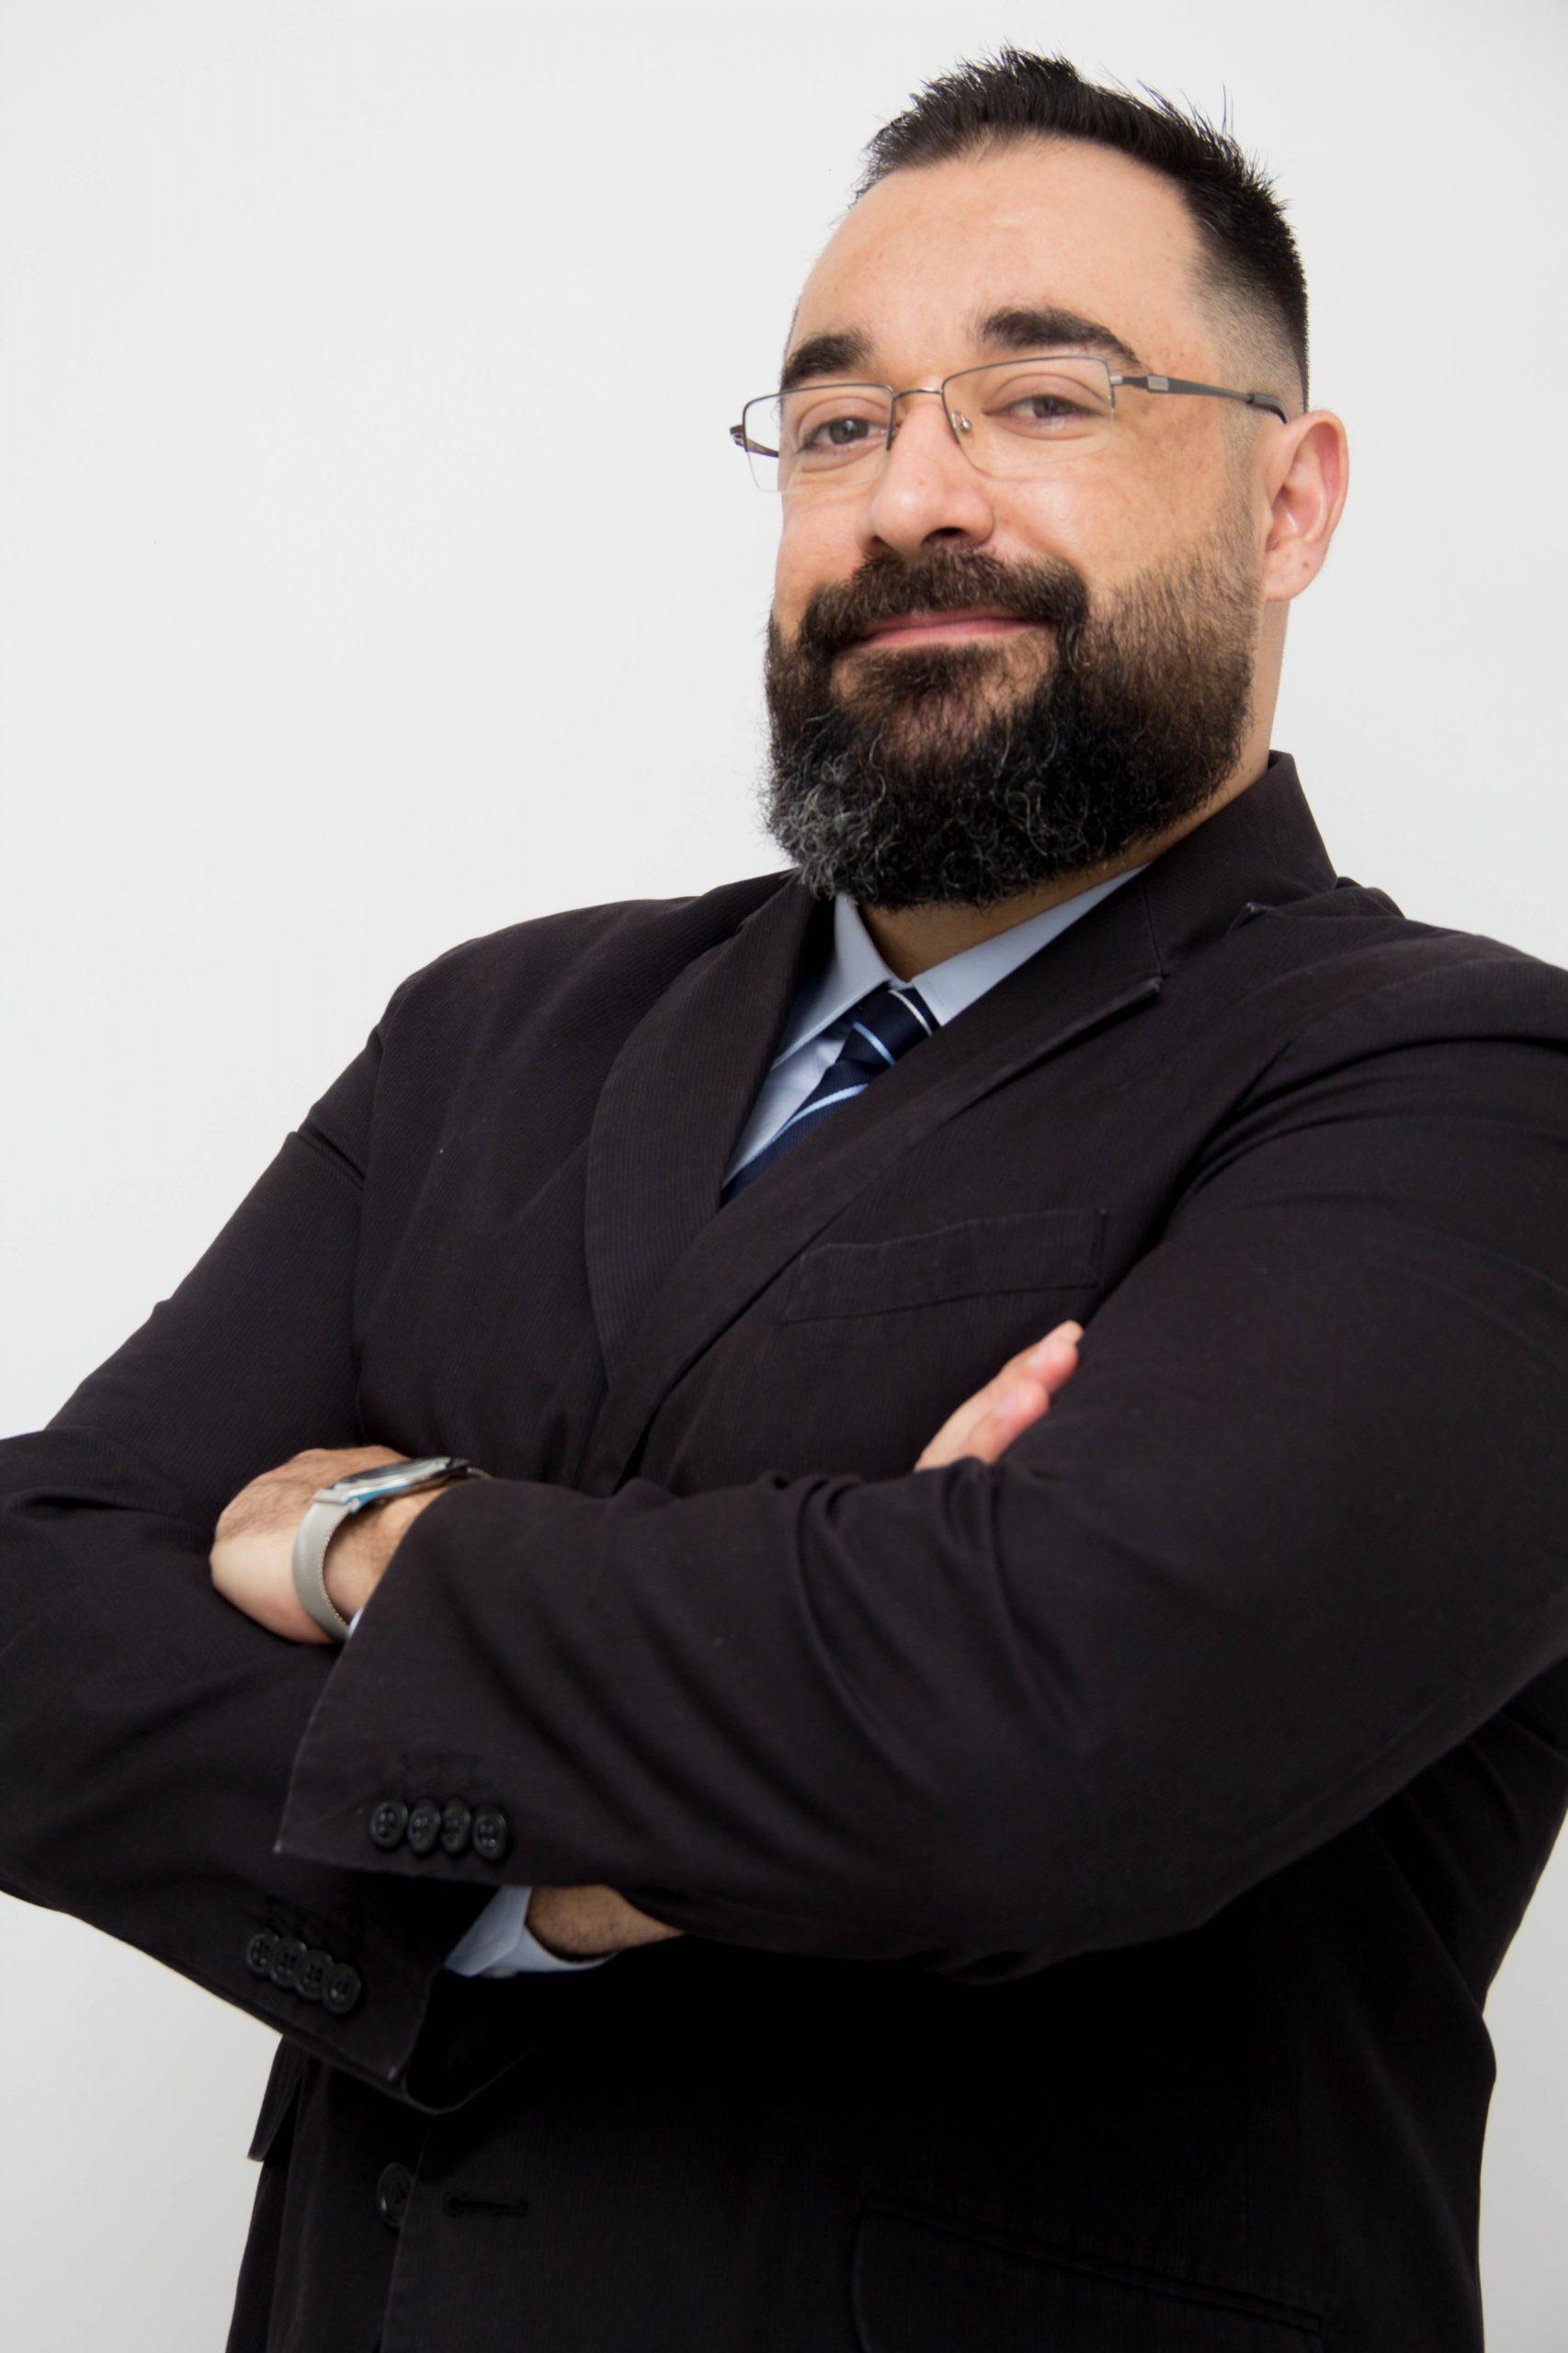 Professor Anderson Tamborim